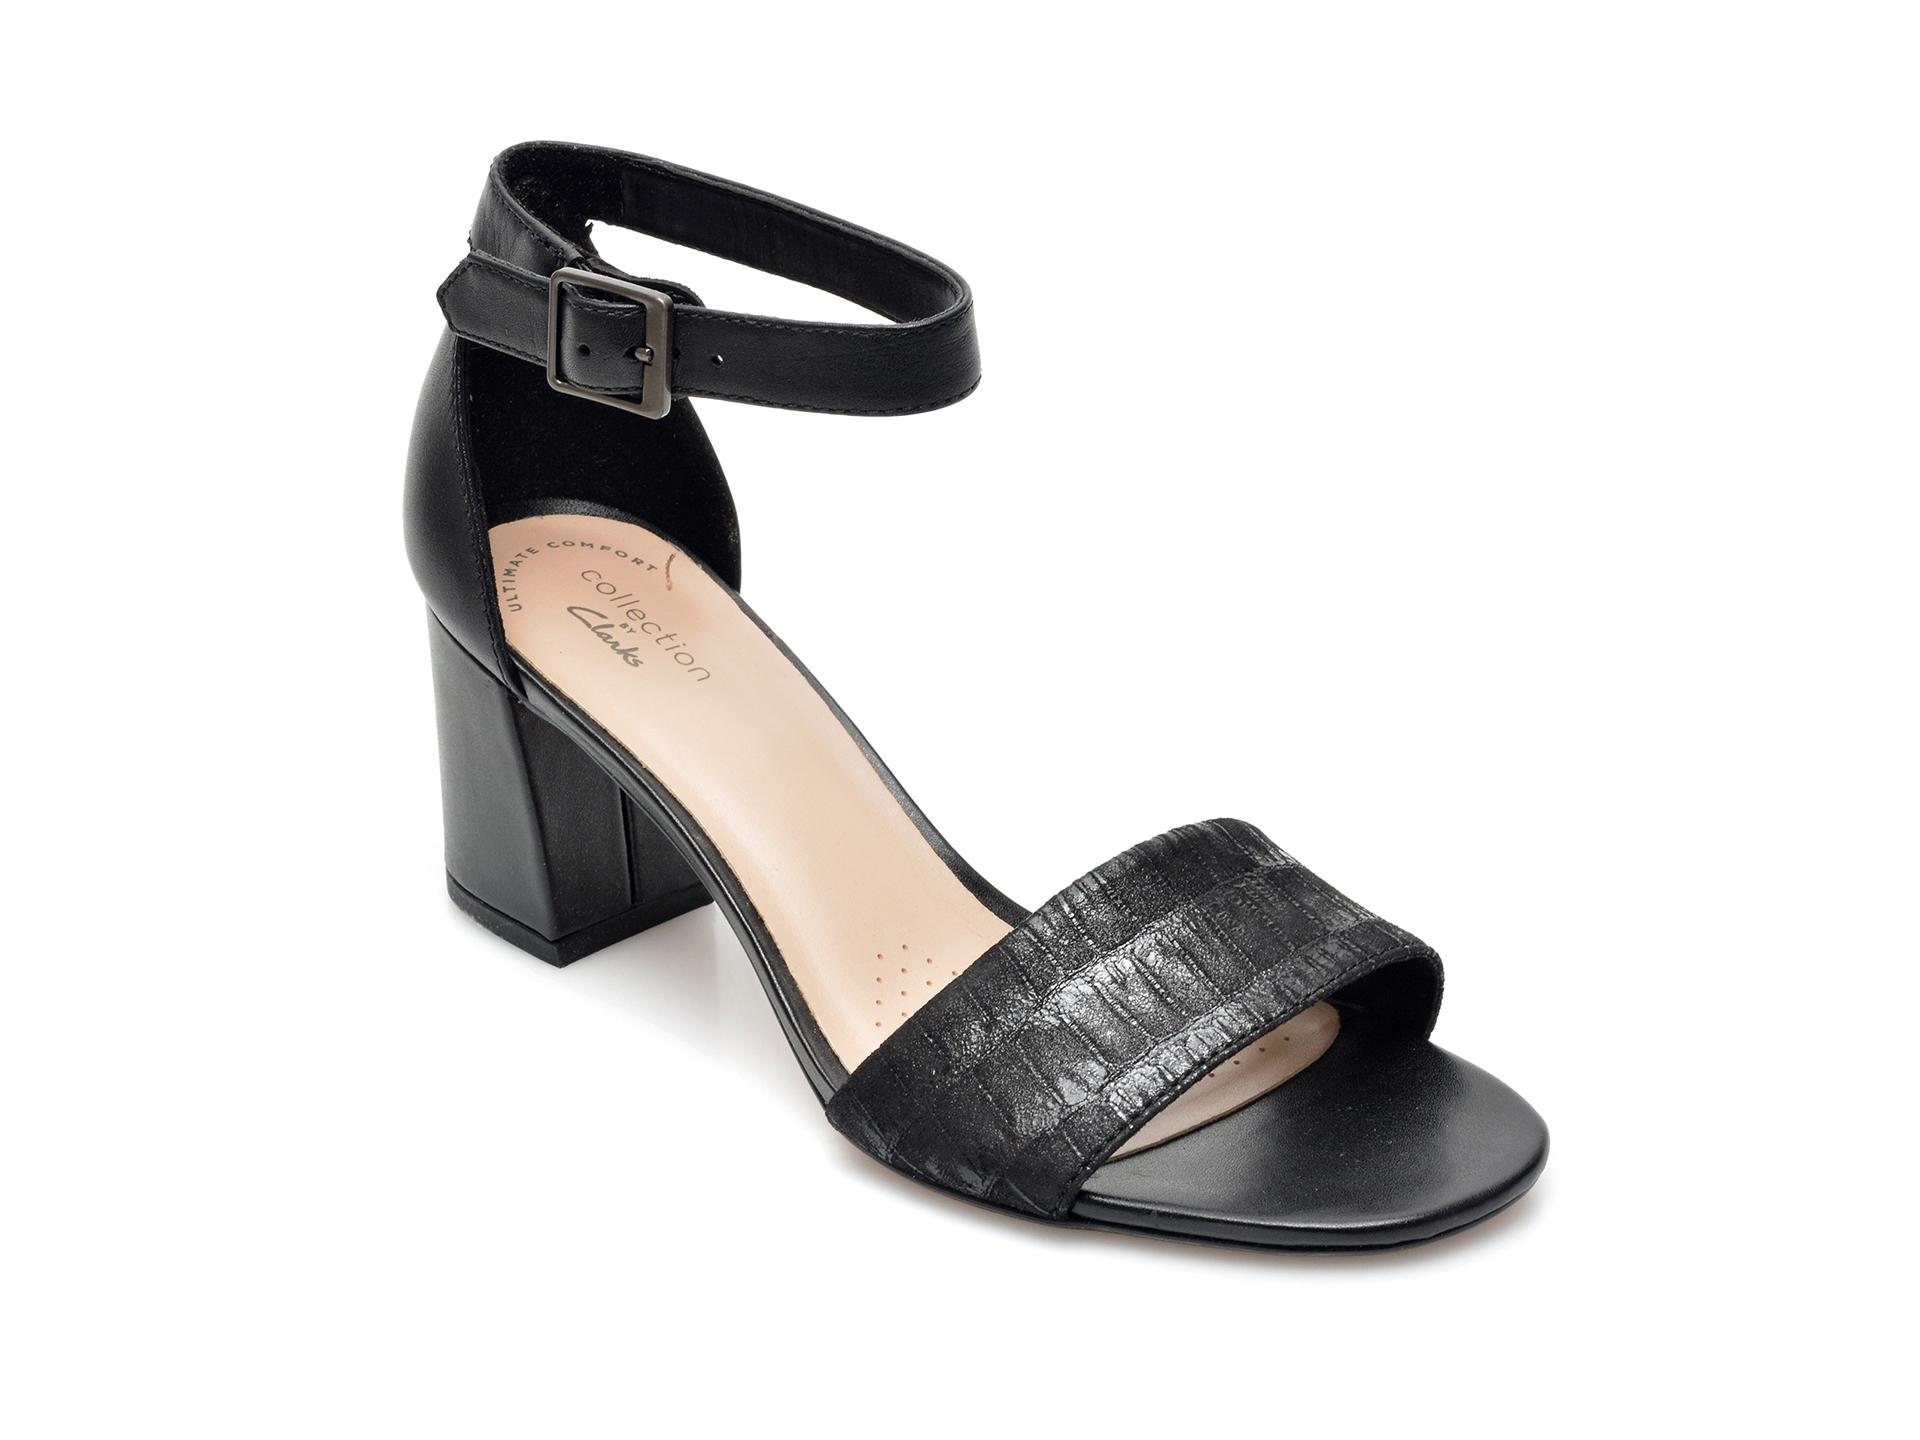 Sandale CLARKS negre, Jocelynne Cam, din piele naturala imagine otter.ro 2021